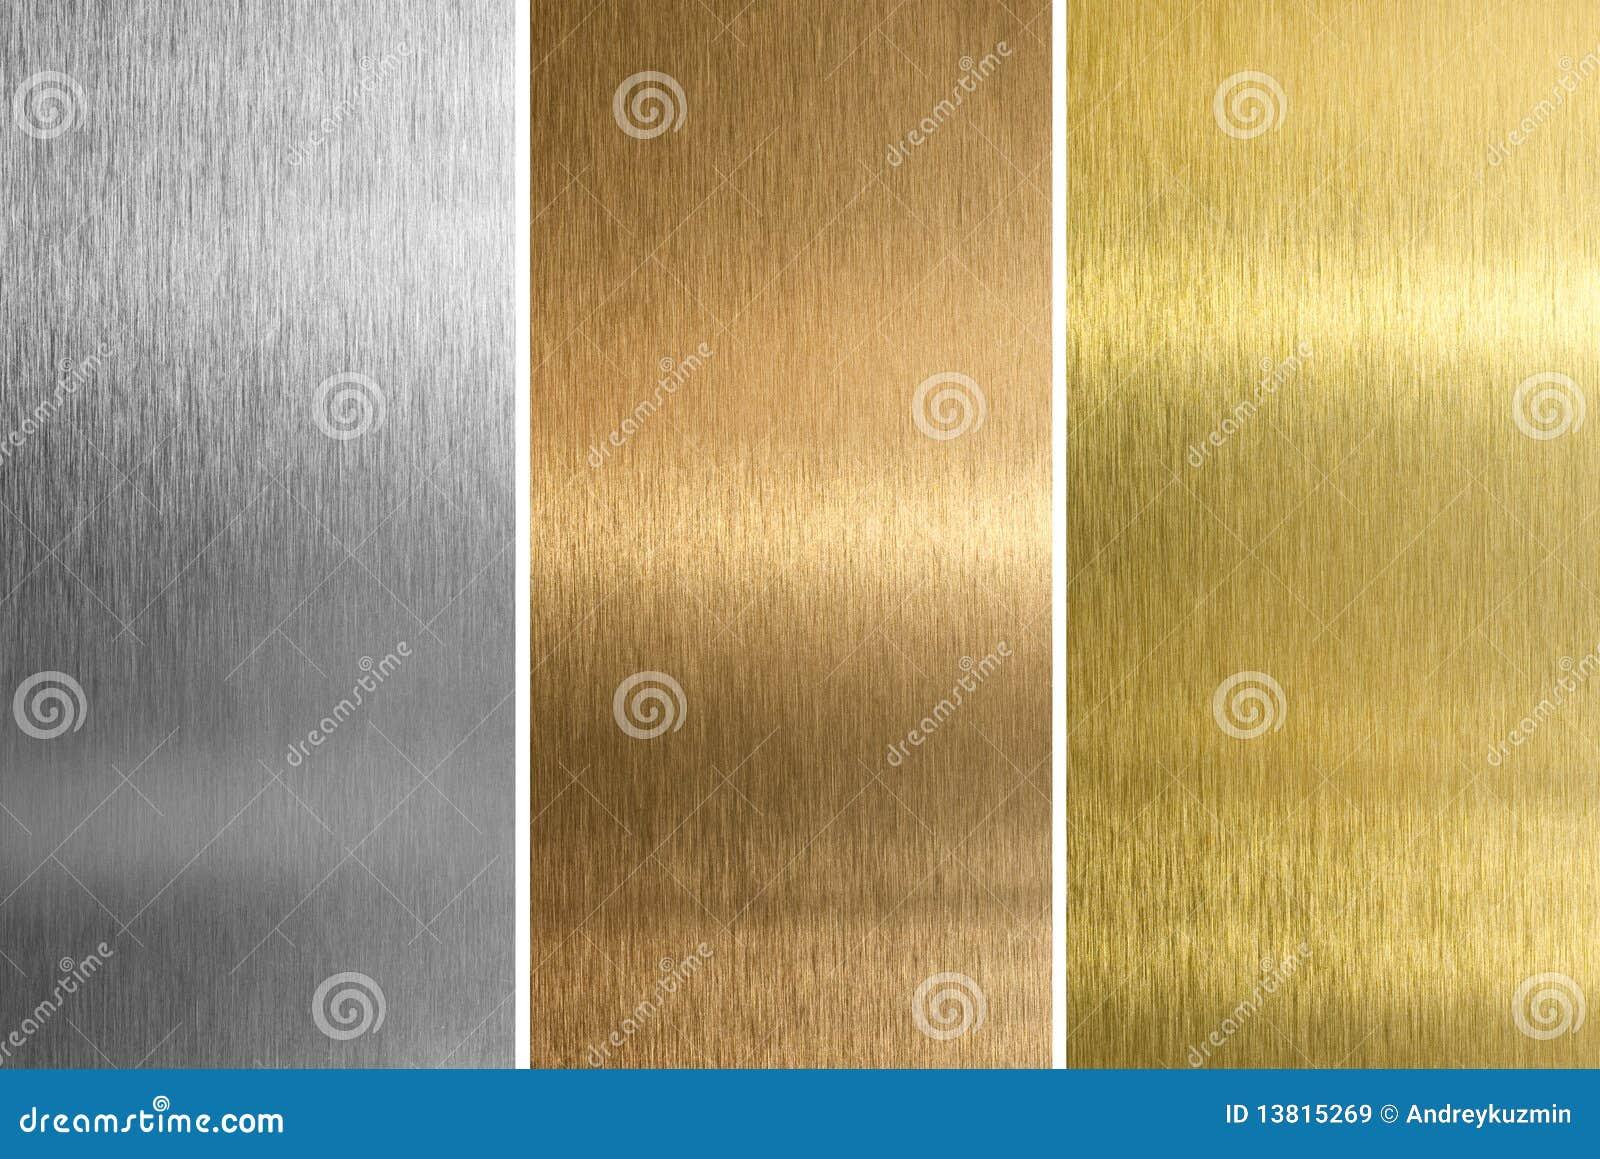 Mässingsbronze guld- silvertexturer